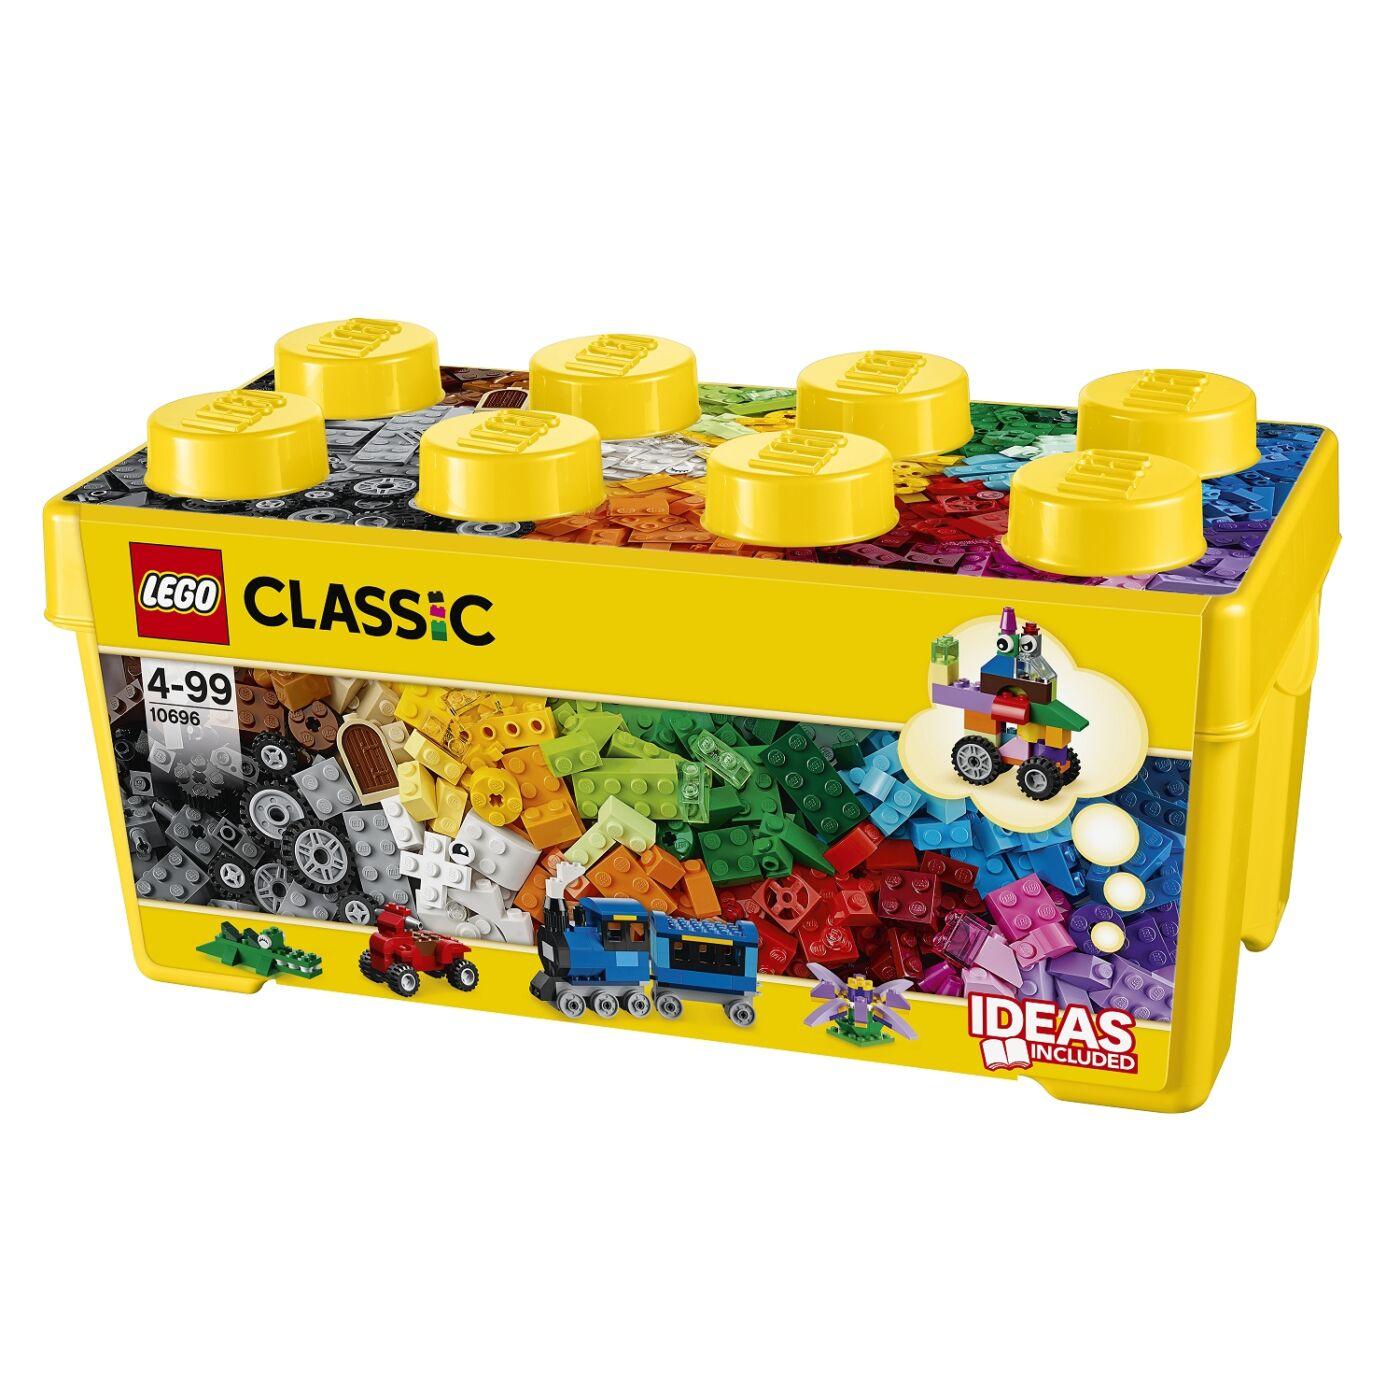 Lego Kreatív közepes építőkészlet